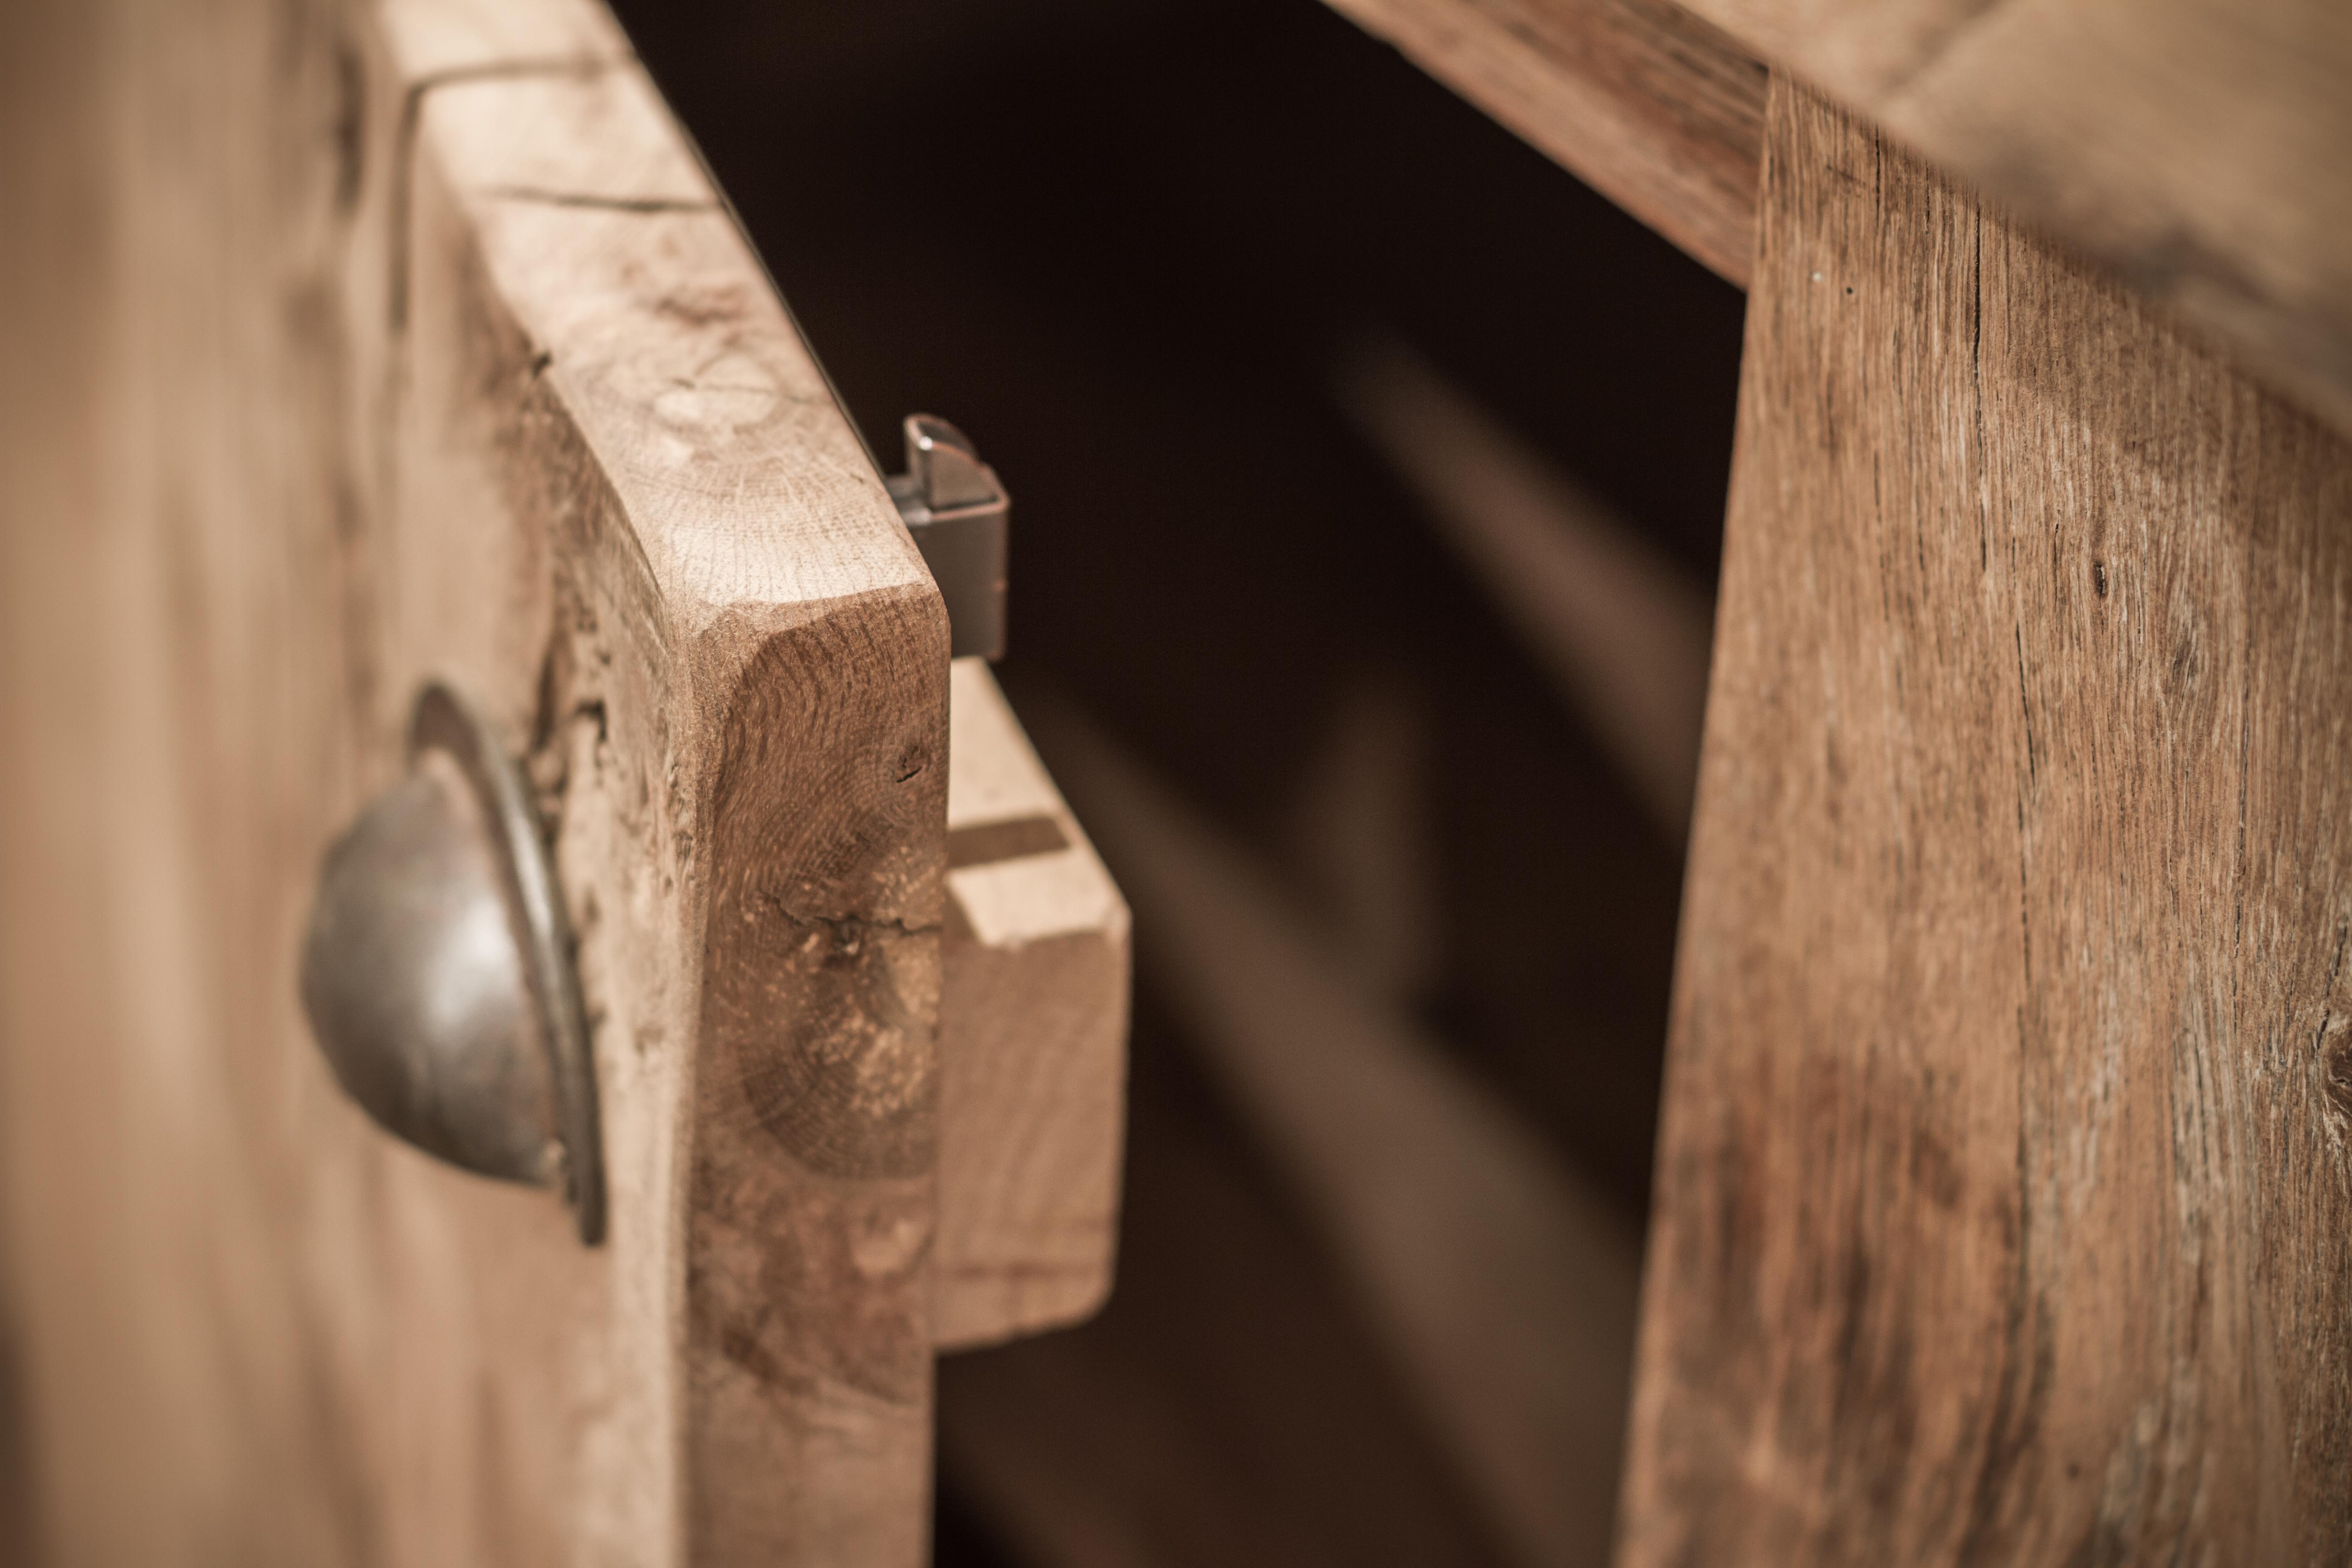 Oud eiken keuken van onbehandeld eiken hout gebr de ruiter